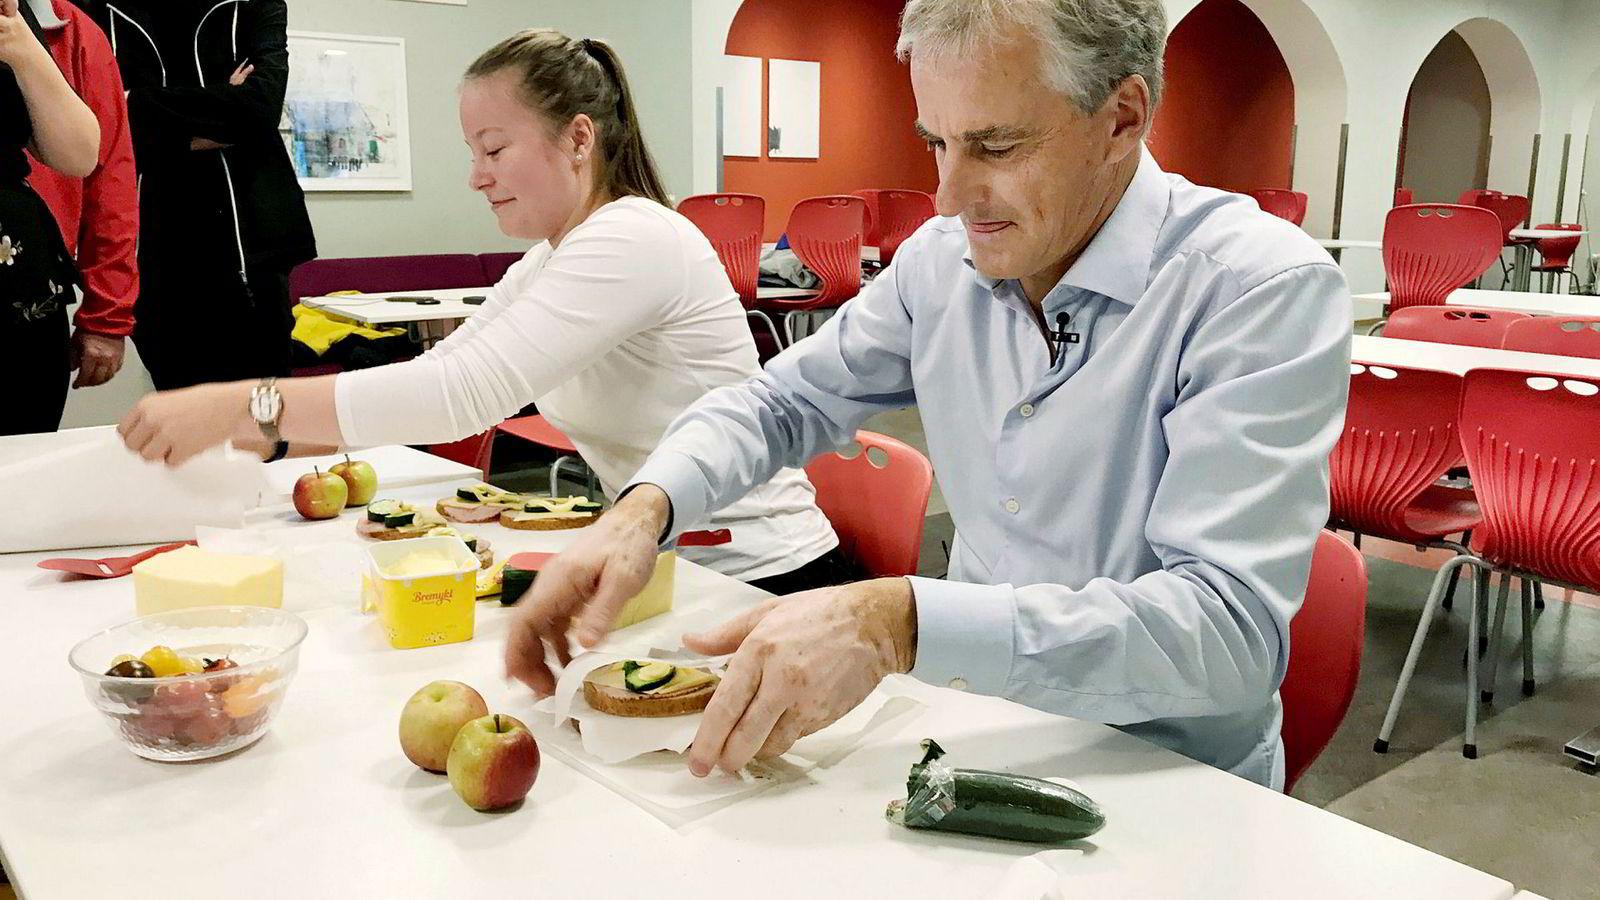 Ap-leder Jonas Gahr Støre på valgkamp konkurrerer i matpakkesmøring på Kongsbakken videregående skole med Vilde Robertsen Sjåvik fra AUF. Til venstre står stortingsrepresentant Martin Henriksen.